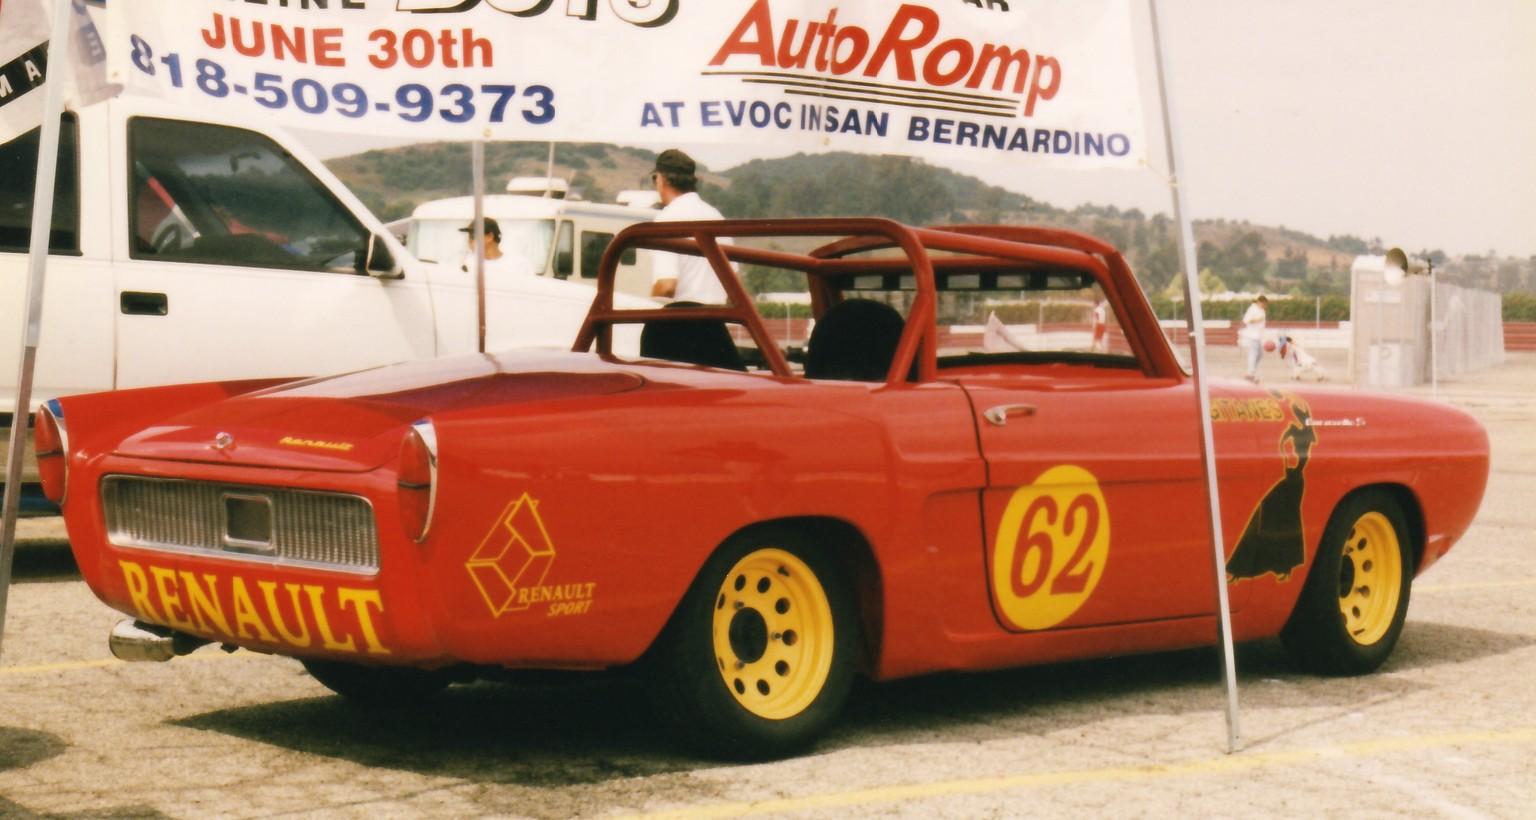 Renault Caravelle Vintage Racer